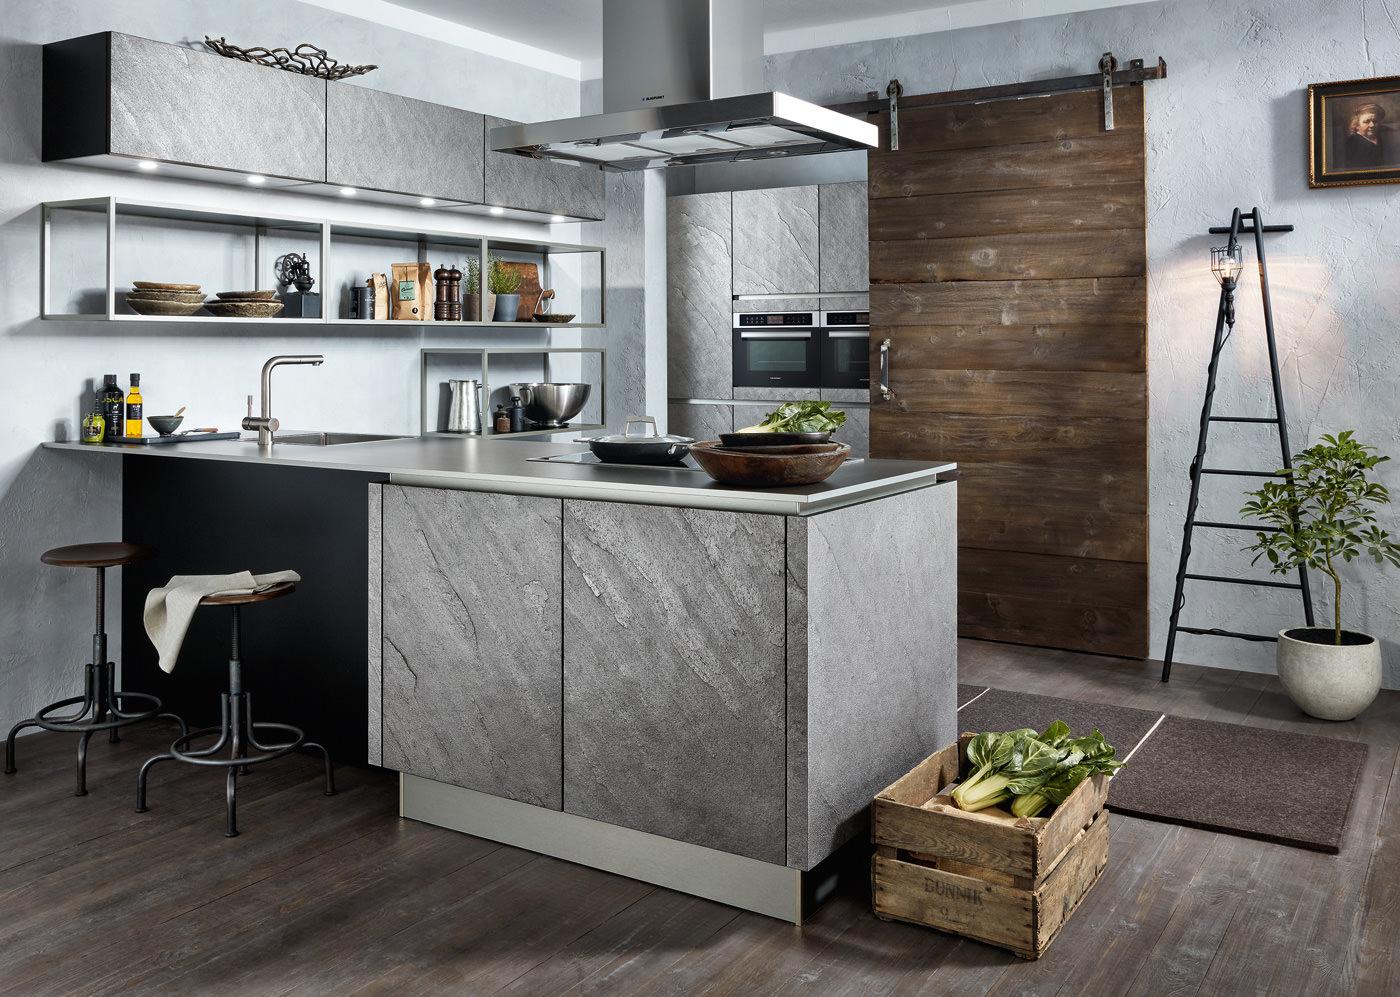 Tolle Gewürzküche Lansdale Bilder - Ideen Für Die Küche Dekoration ...